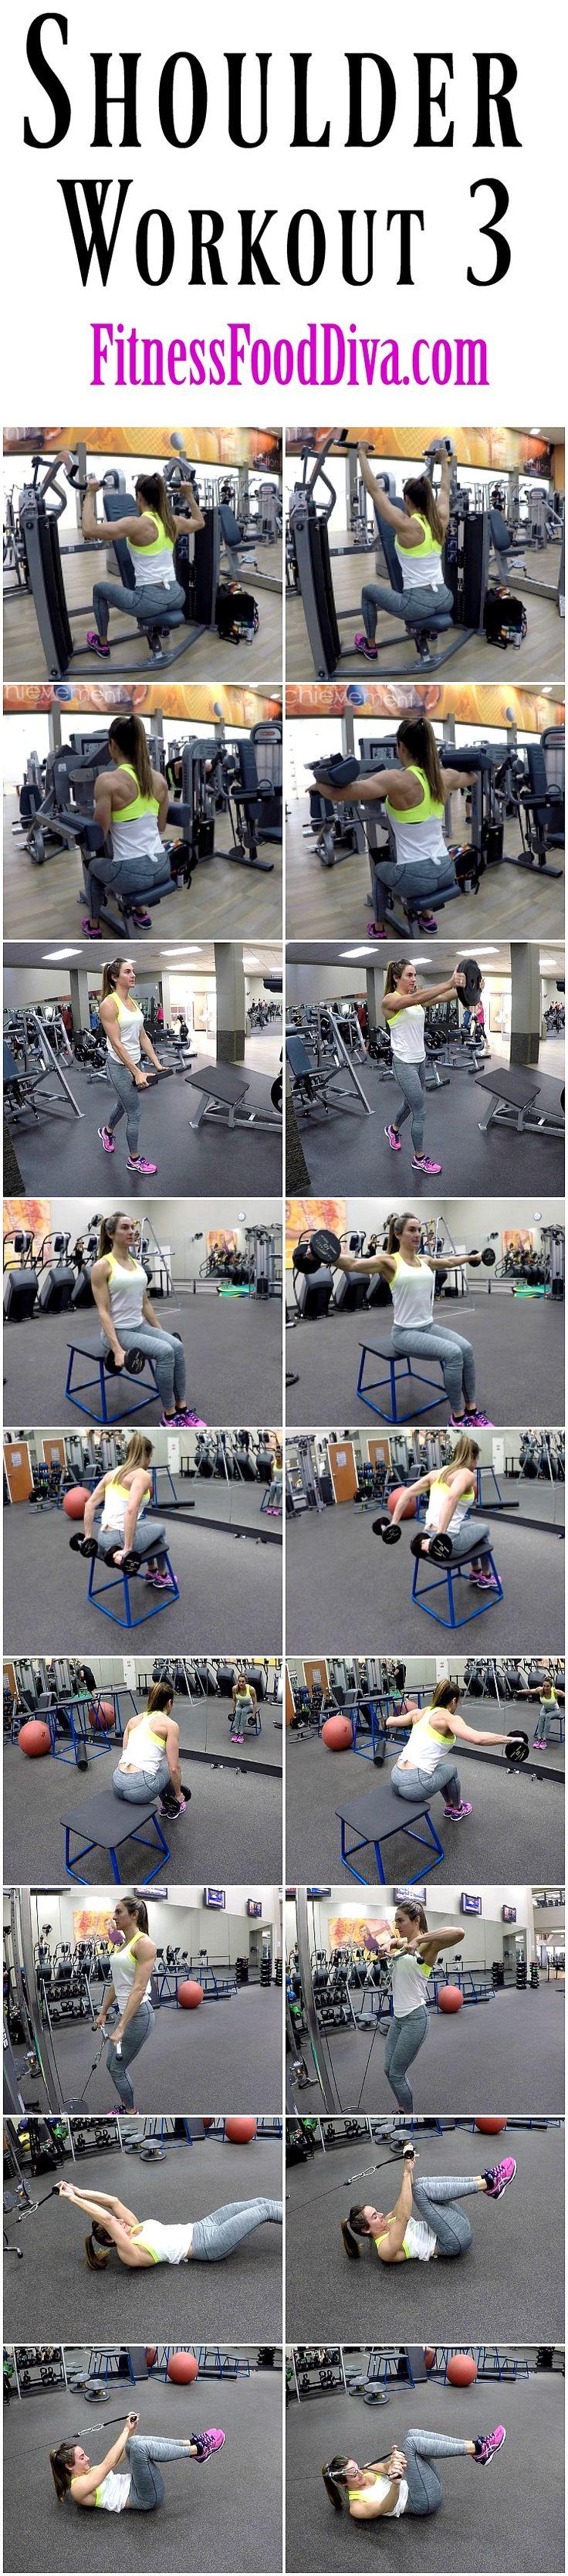 Free Shoulder Workout 3 | Fitness Food Diva